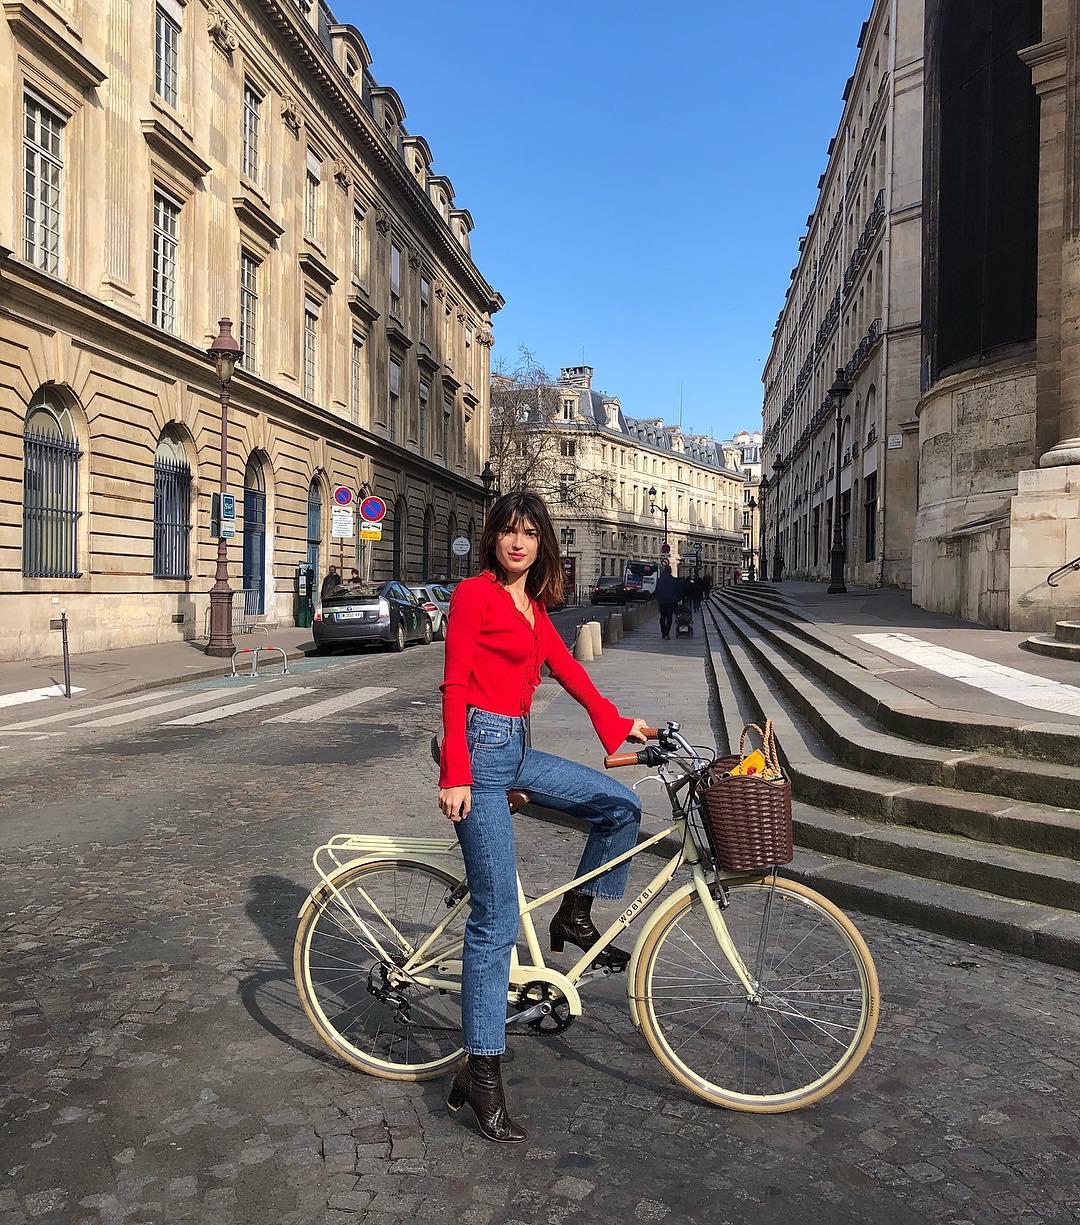 Hội IT Girl nước Pháp có đến 9 bí kíp diện đồ để không bao giờ mặc xấu, chỉ thanh lịch và sang chảnh trở lên - Ảnh 6